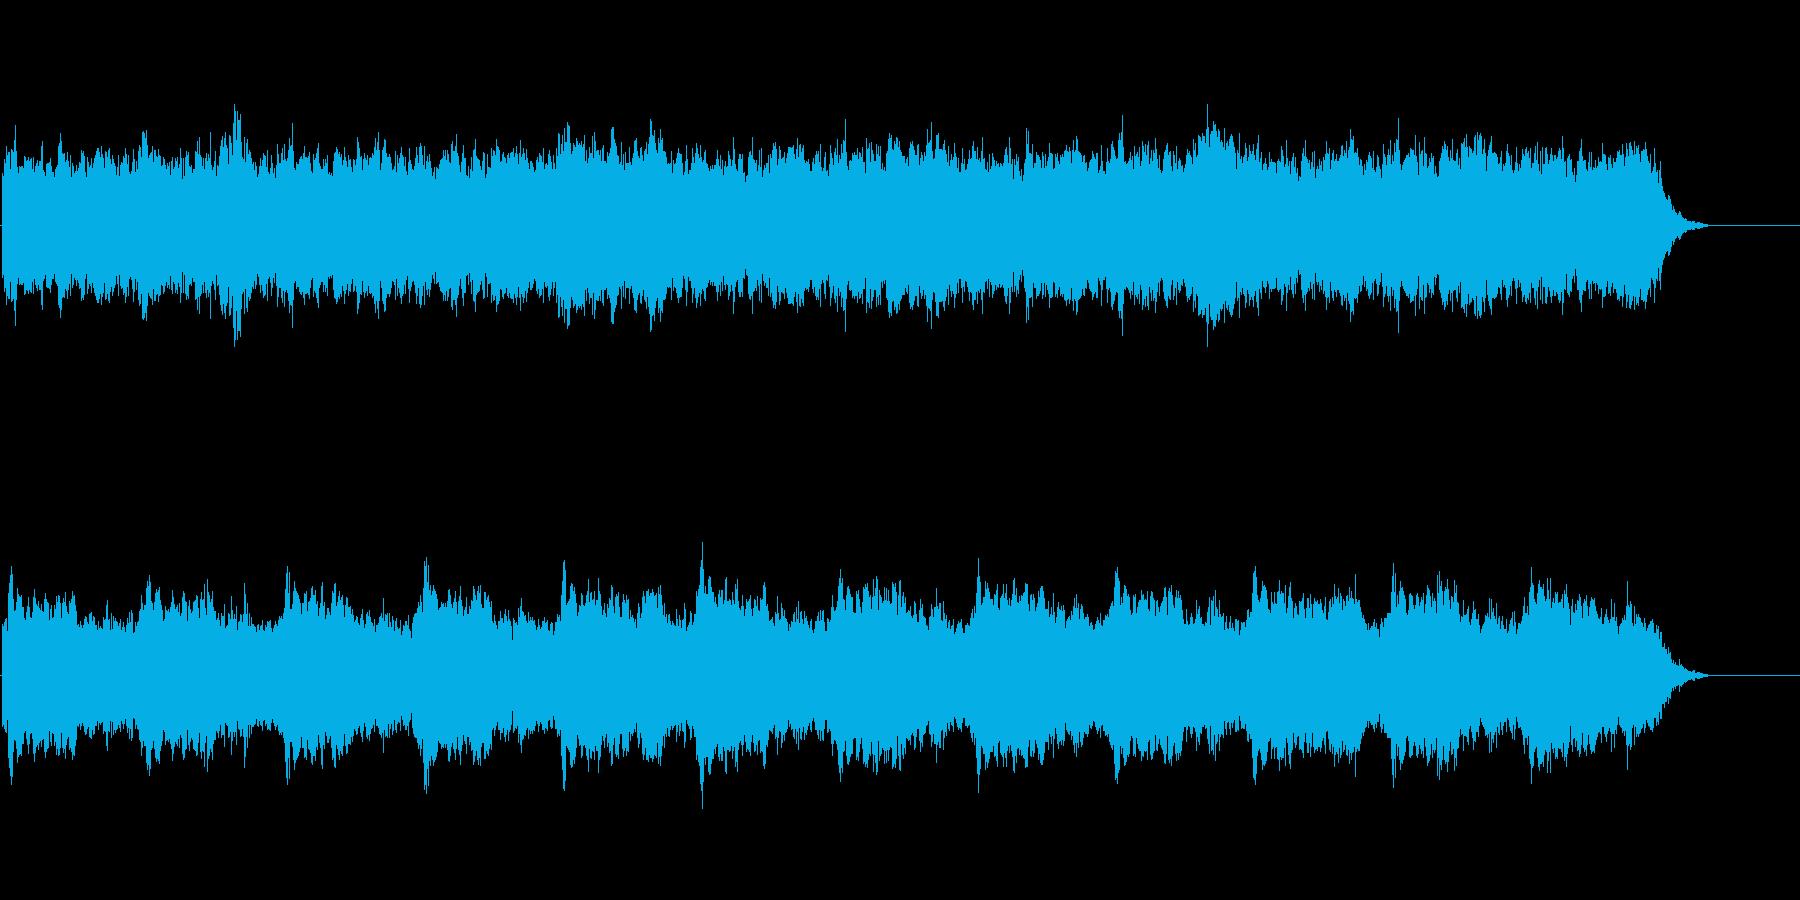 ホラー系の暗い雰囲気のBGMの再生済みの波形